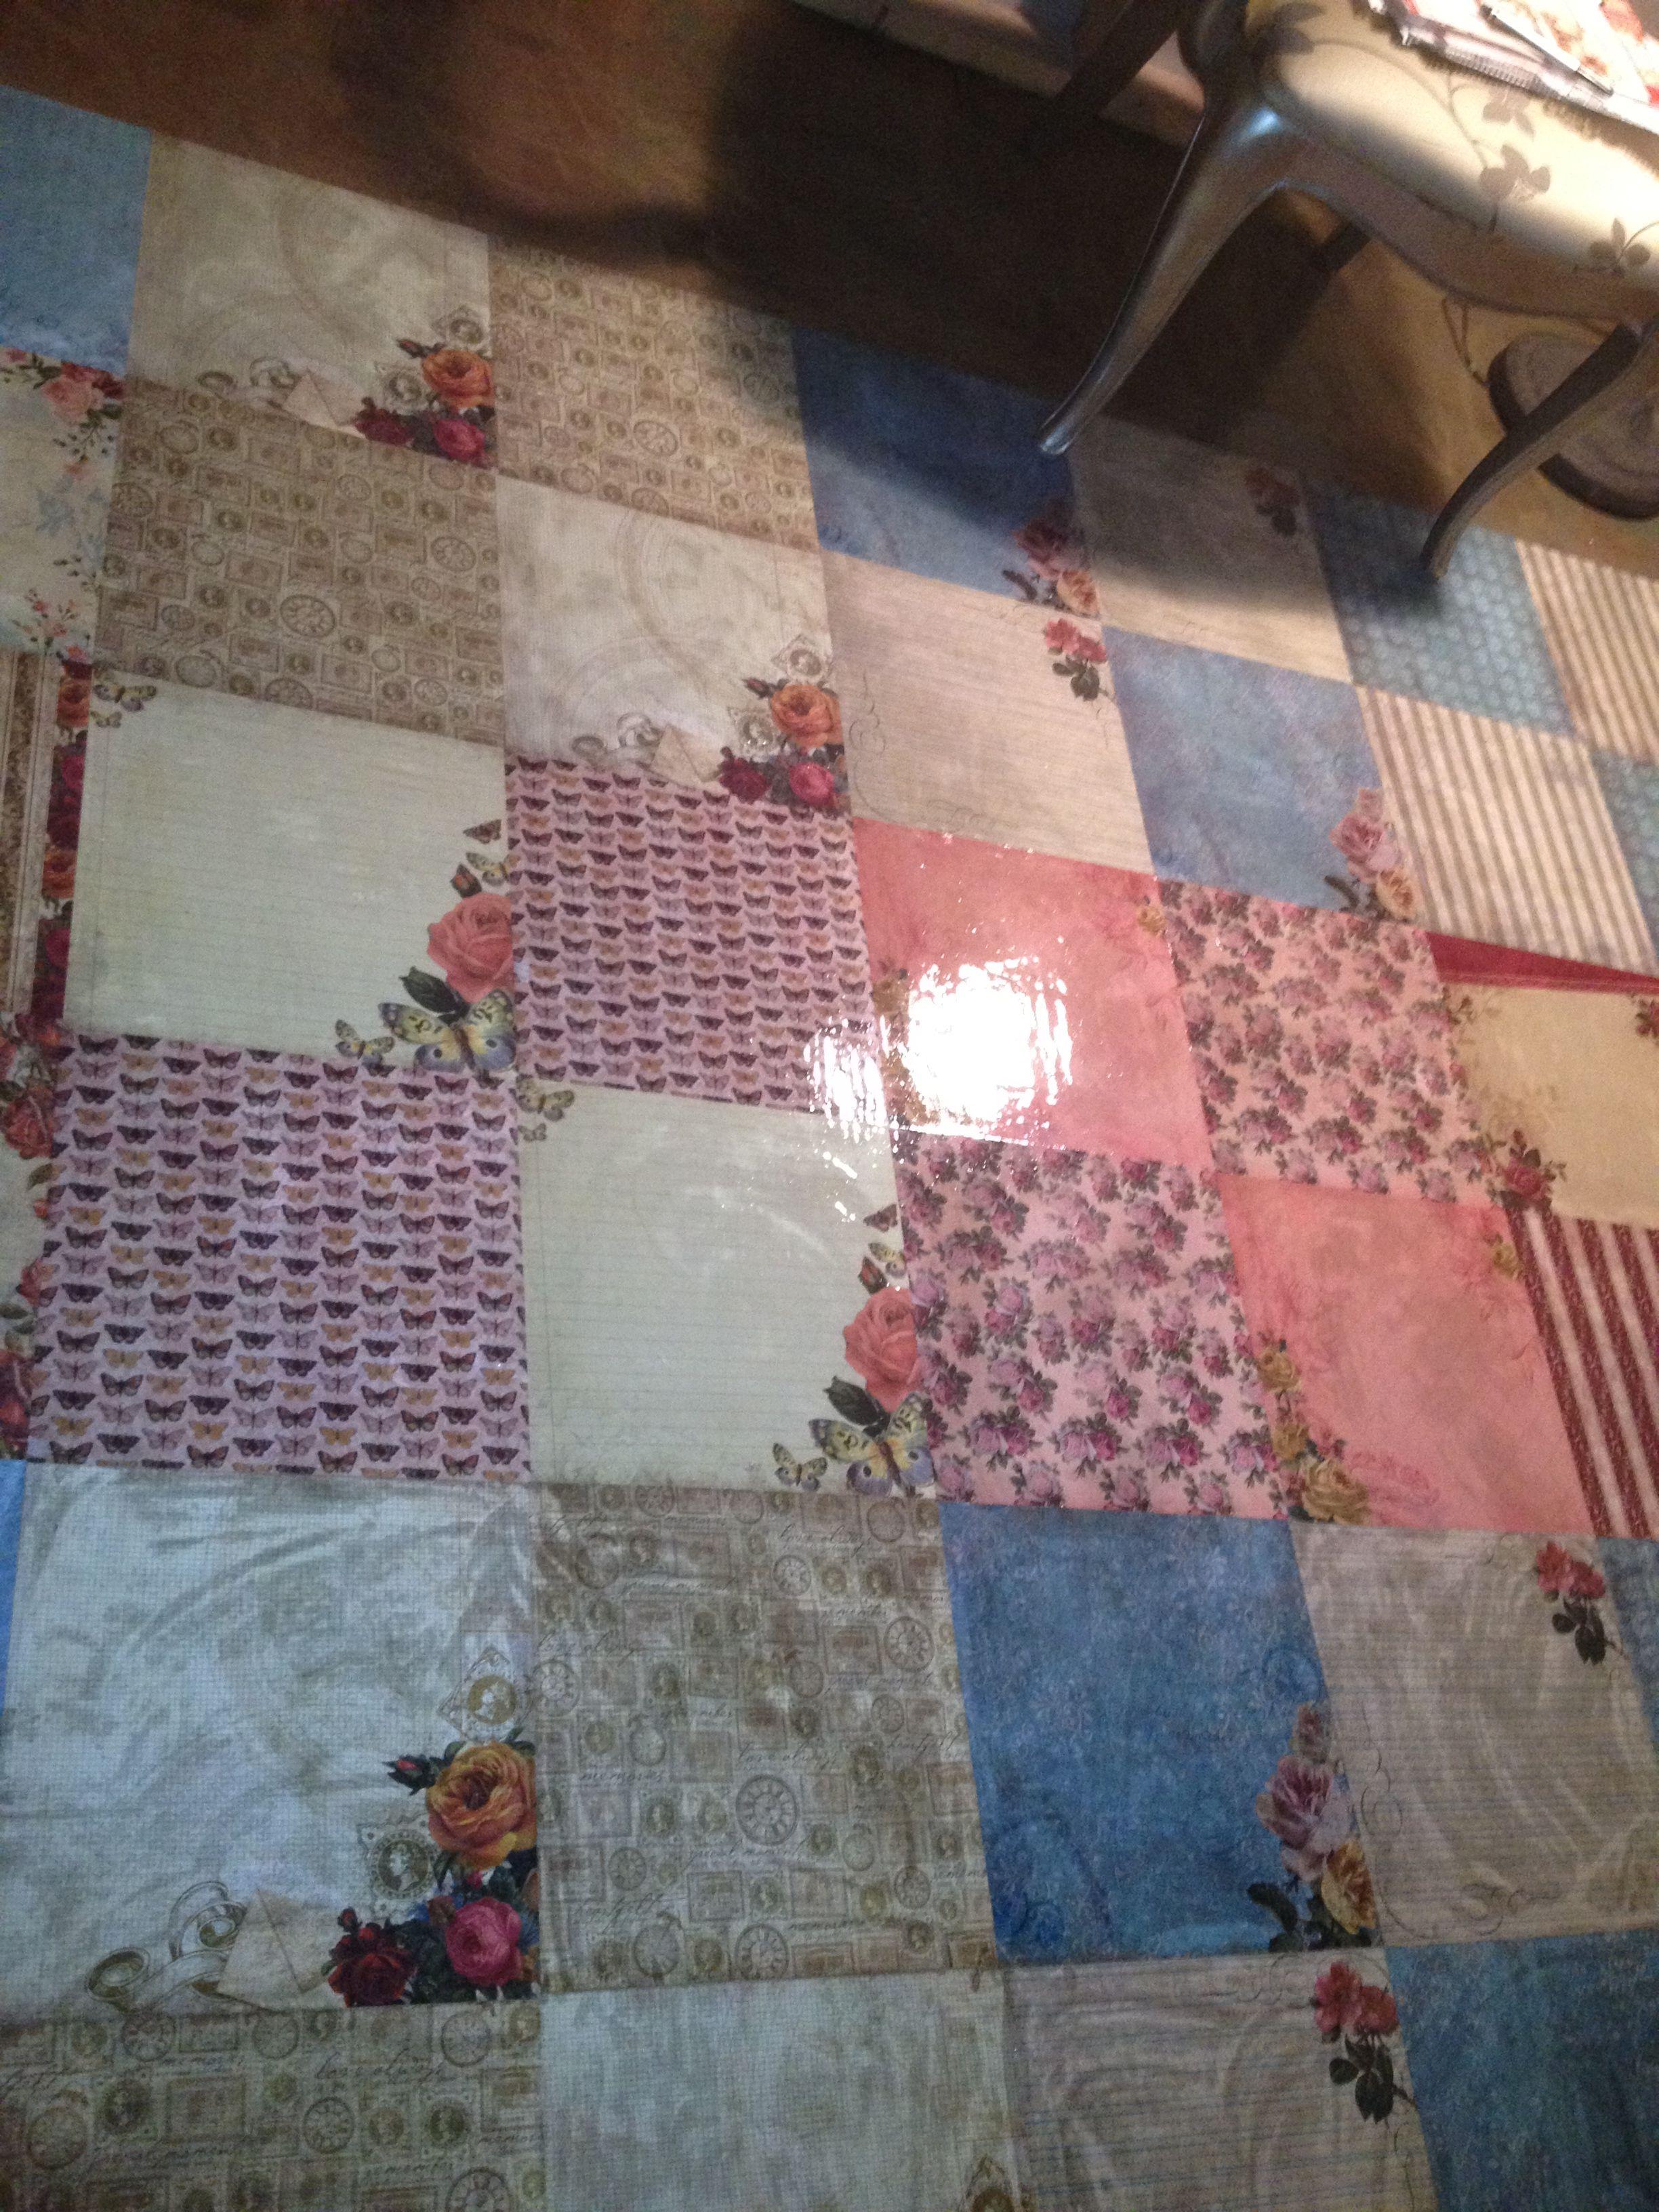 Paper bag floor youtube - Decopatch Floor Decoupage Floor Mod Podge Paper Bag Floor Scrapbook